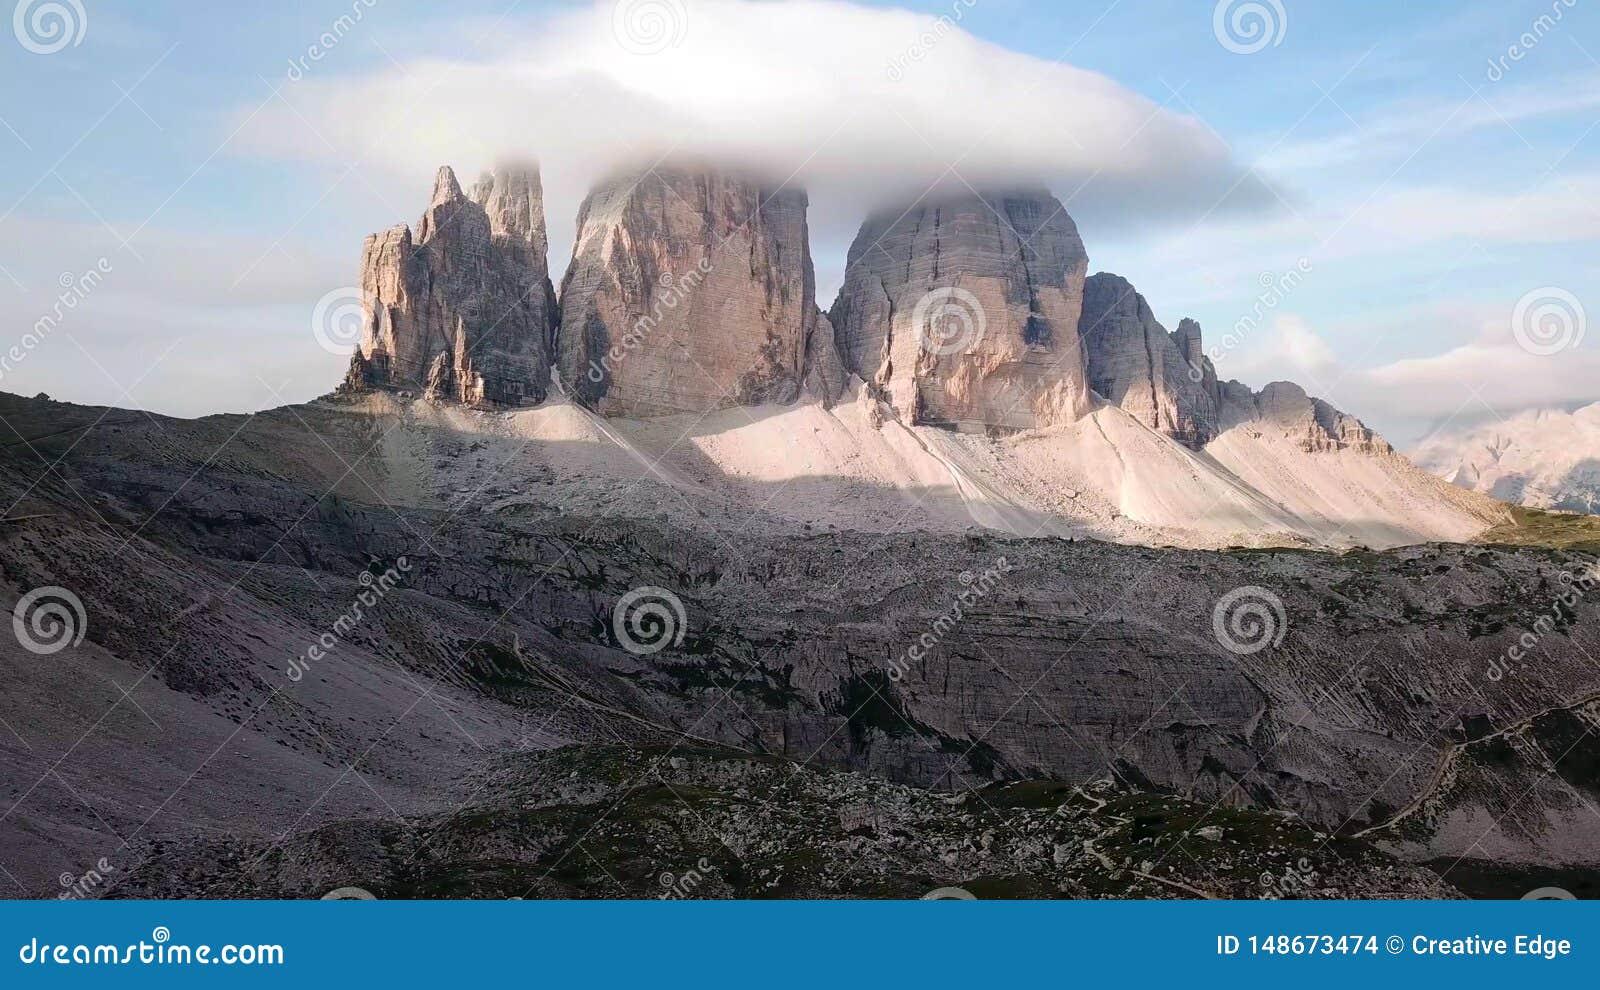 Belle vue du paysage alpin idyllique de montagne avec les pr?s de floraison et les cr?tes de montagne couronn?es de neige